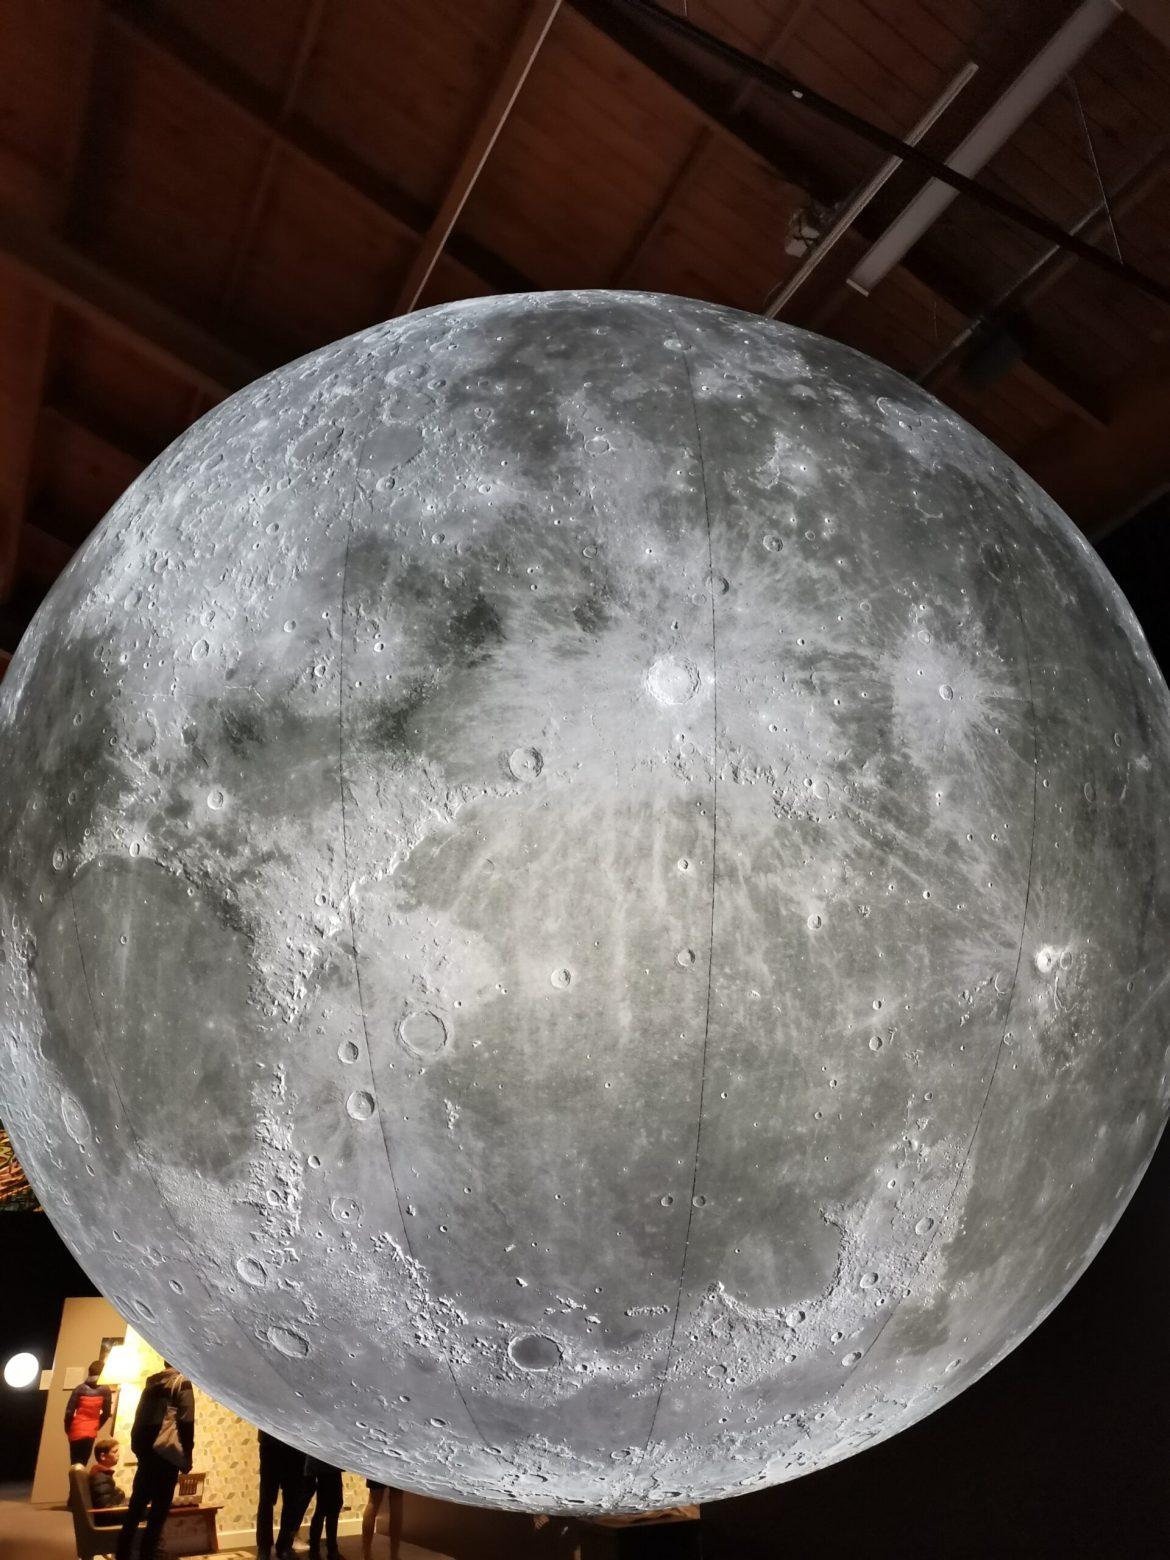 基督城博物馆举办月球探索展览,快来和月亮合影吧!(7月4日-11月8日)